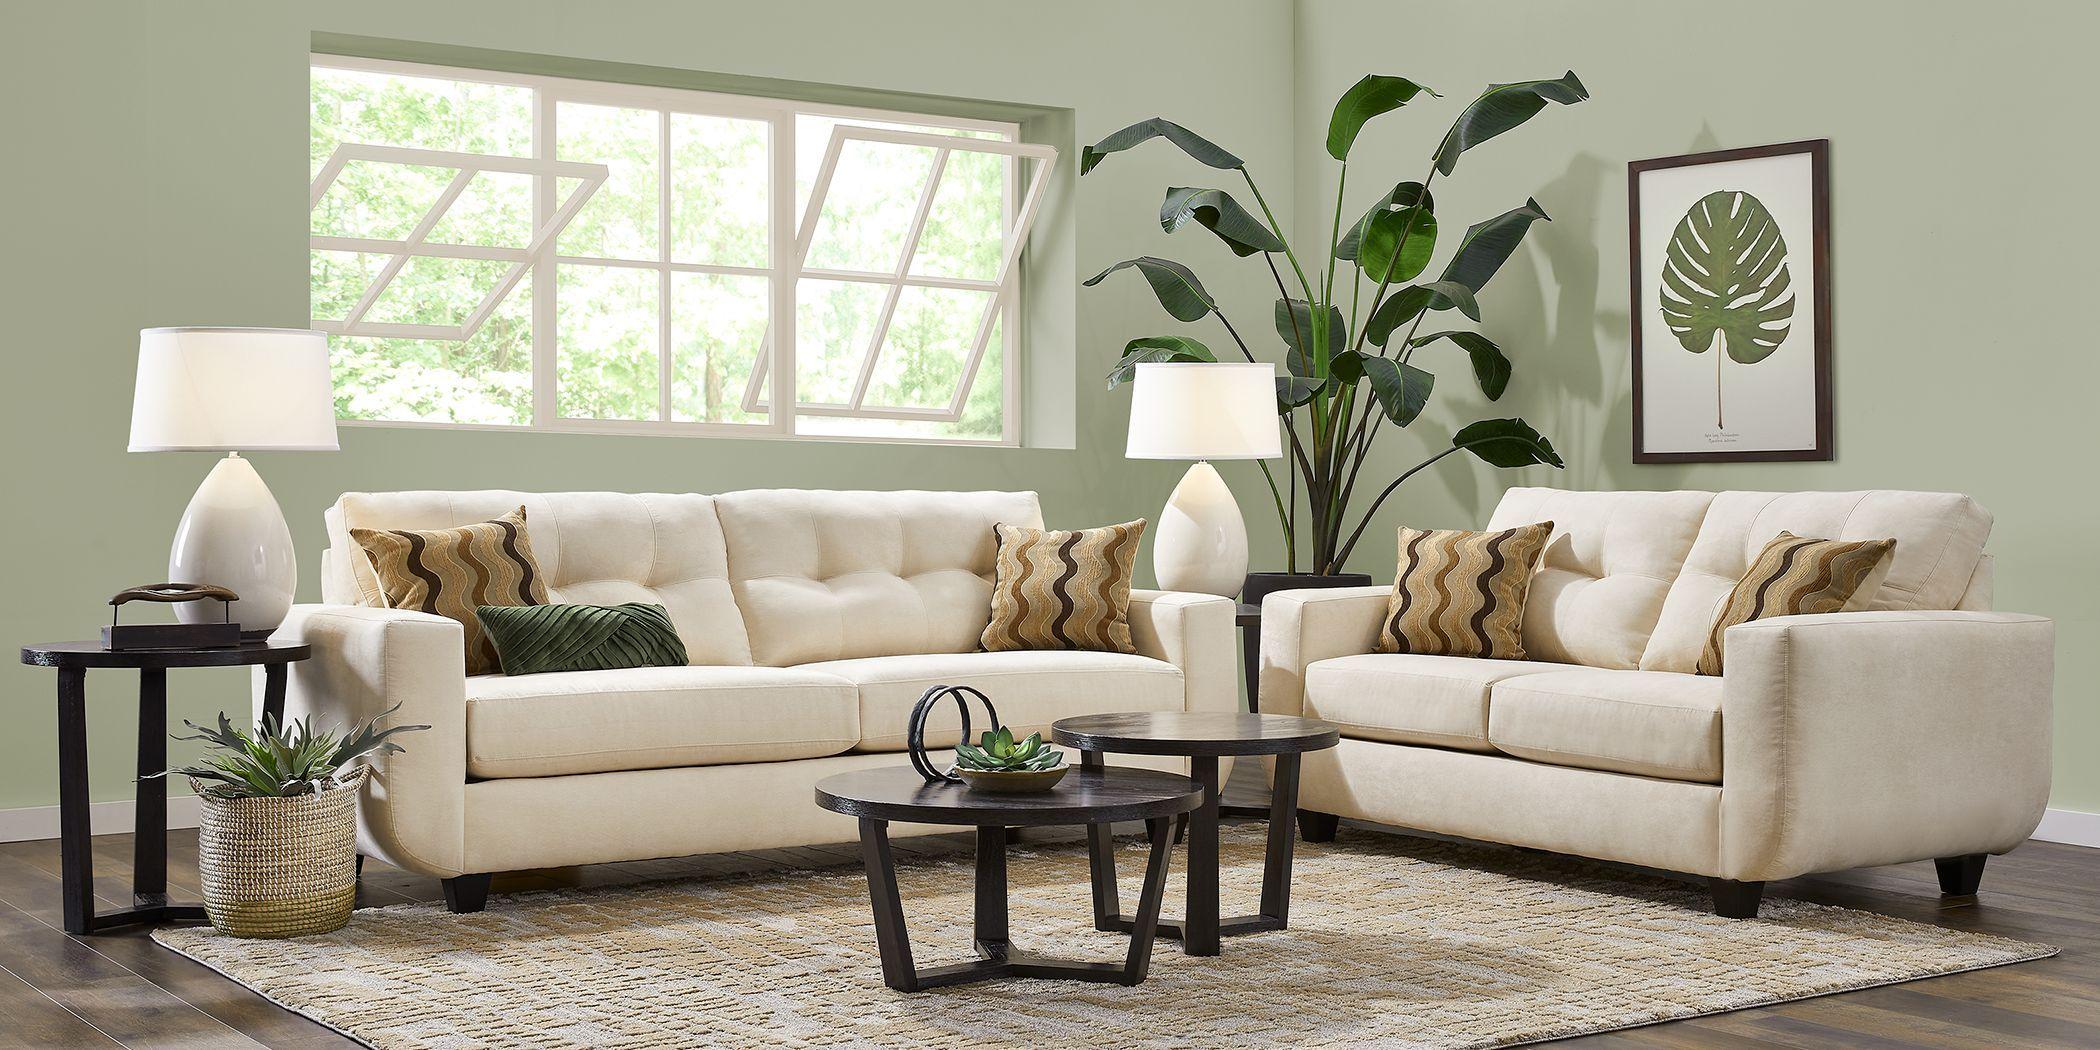 Avila Loft Beige 2 Pc Living Room In 2020 Beige Sofa Living